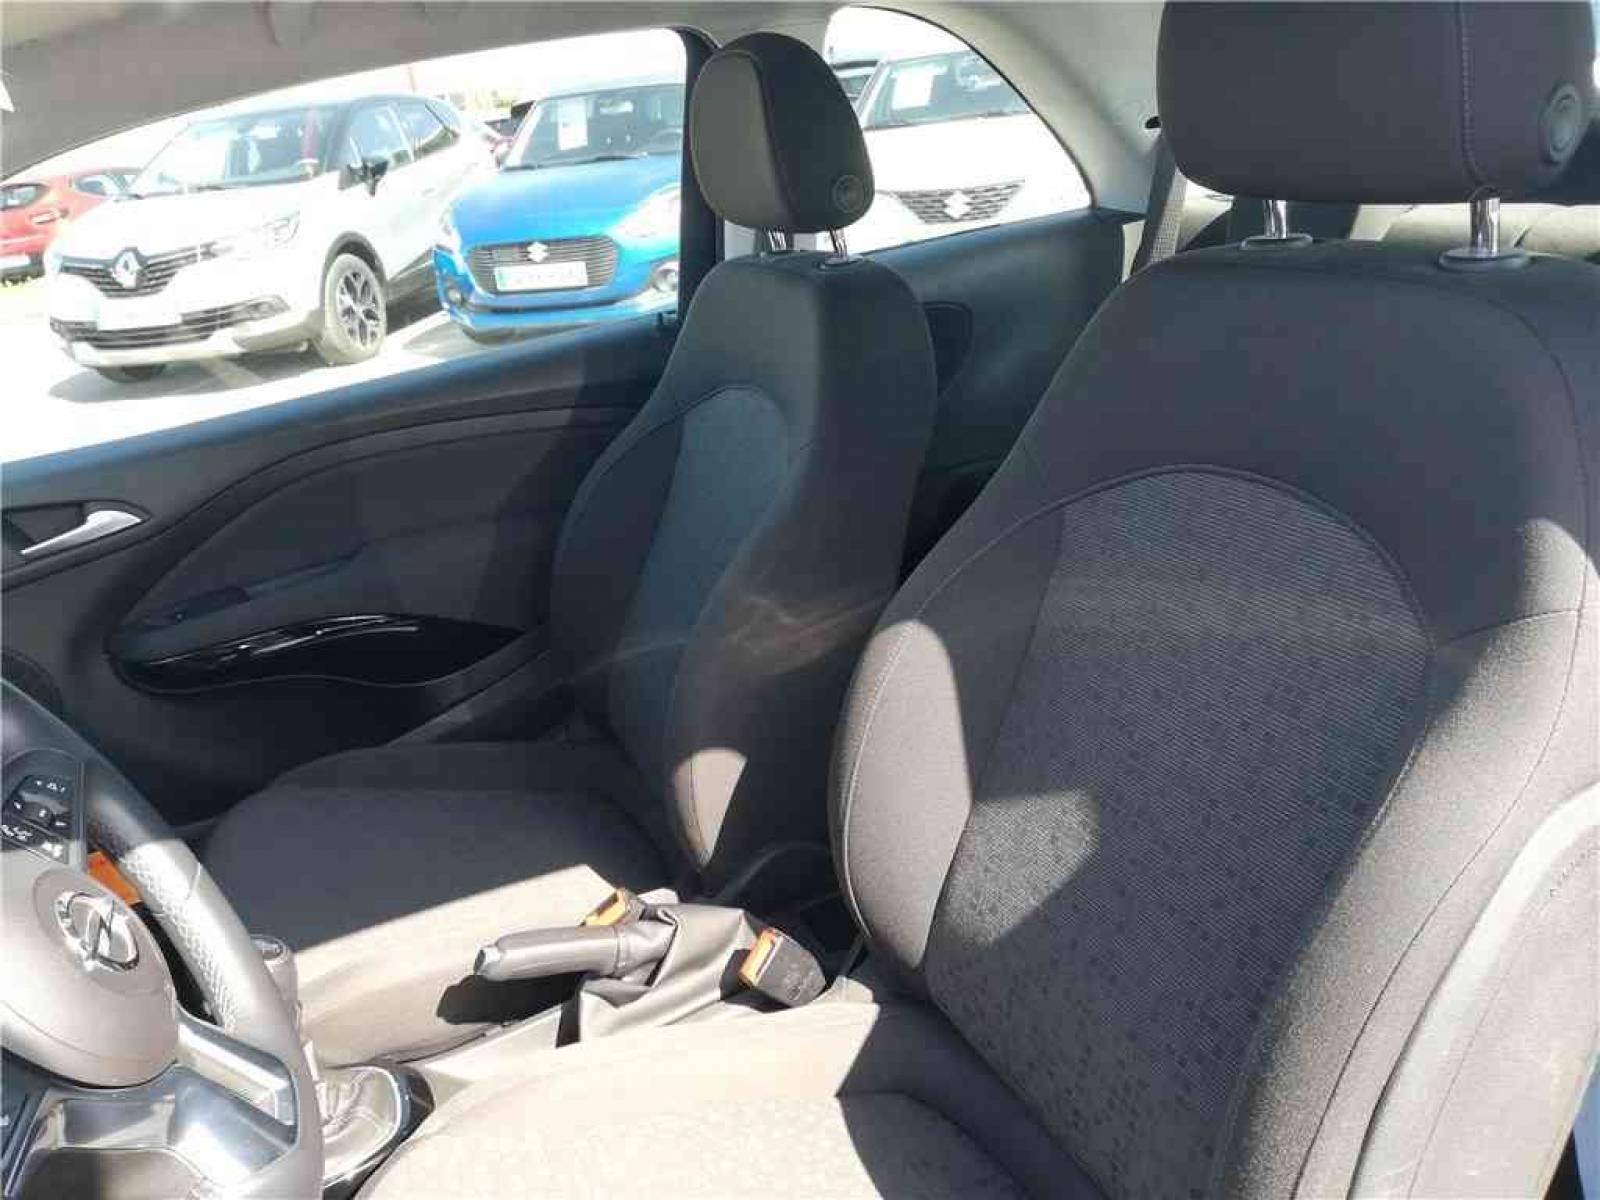 OPEL Adam 1.4 Twinport 87 ch S/S - véhicule d'occasion - Groupe Guillet - Opel Magicauto - Chalon-sur-Saône - 71380 - Saint-Marcel - 17